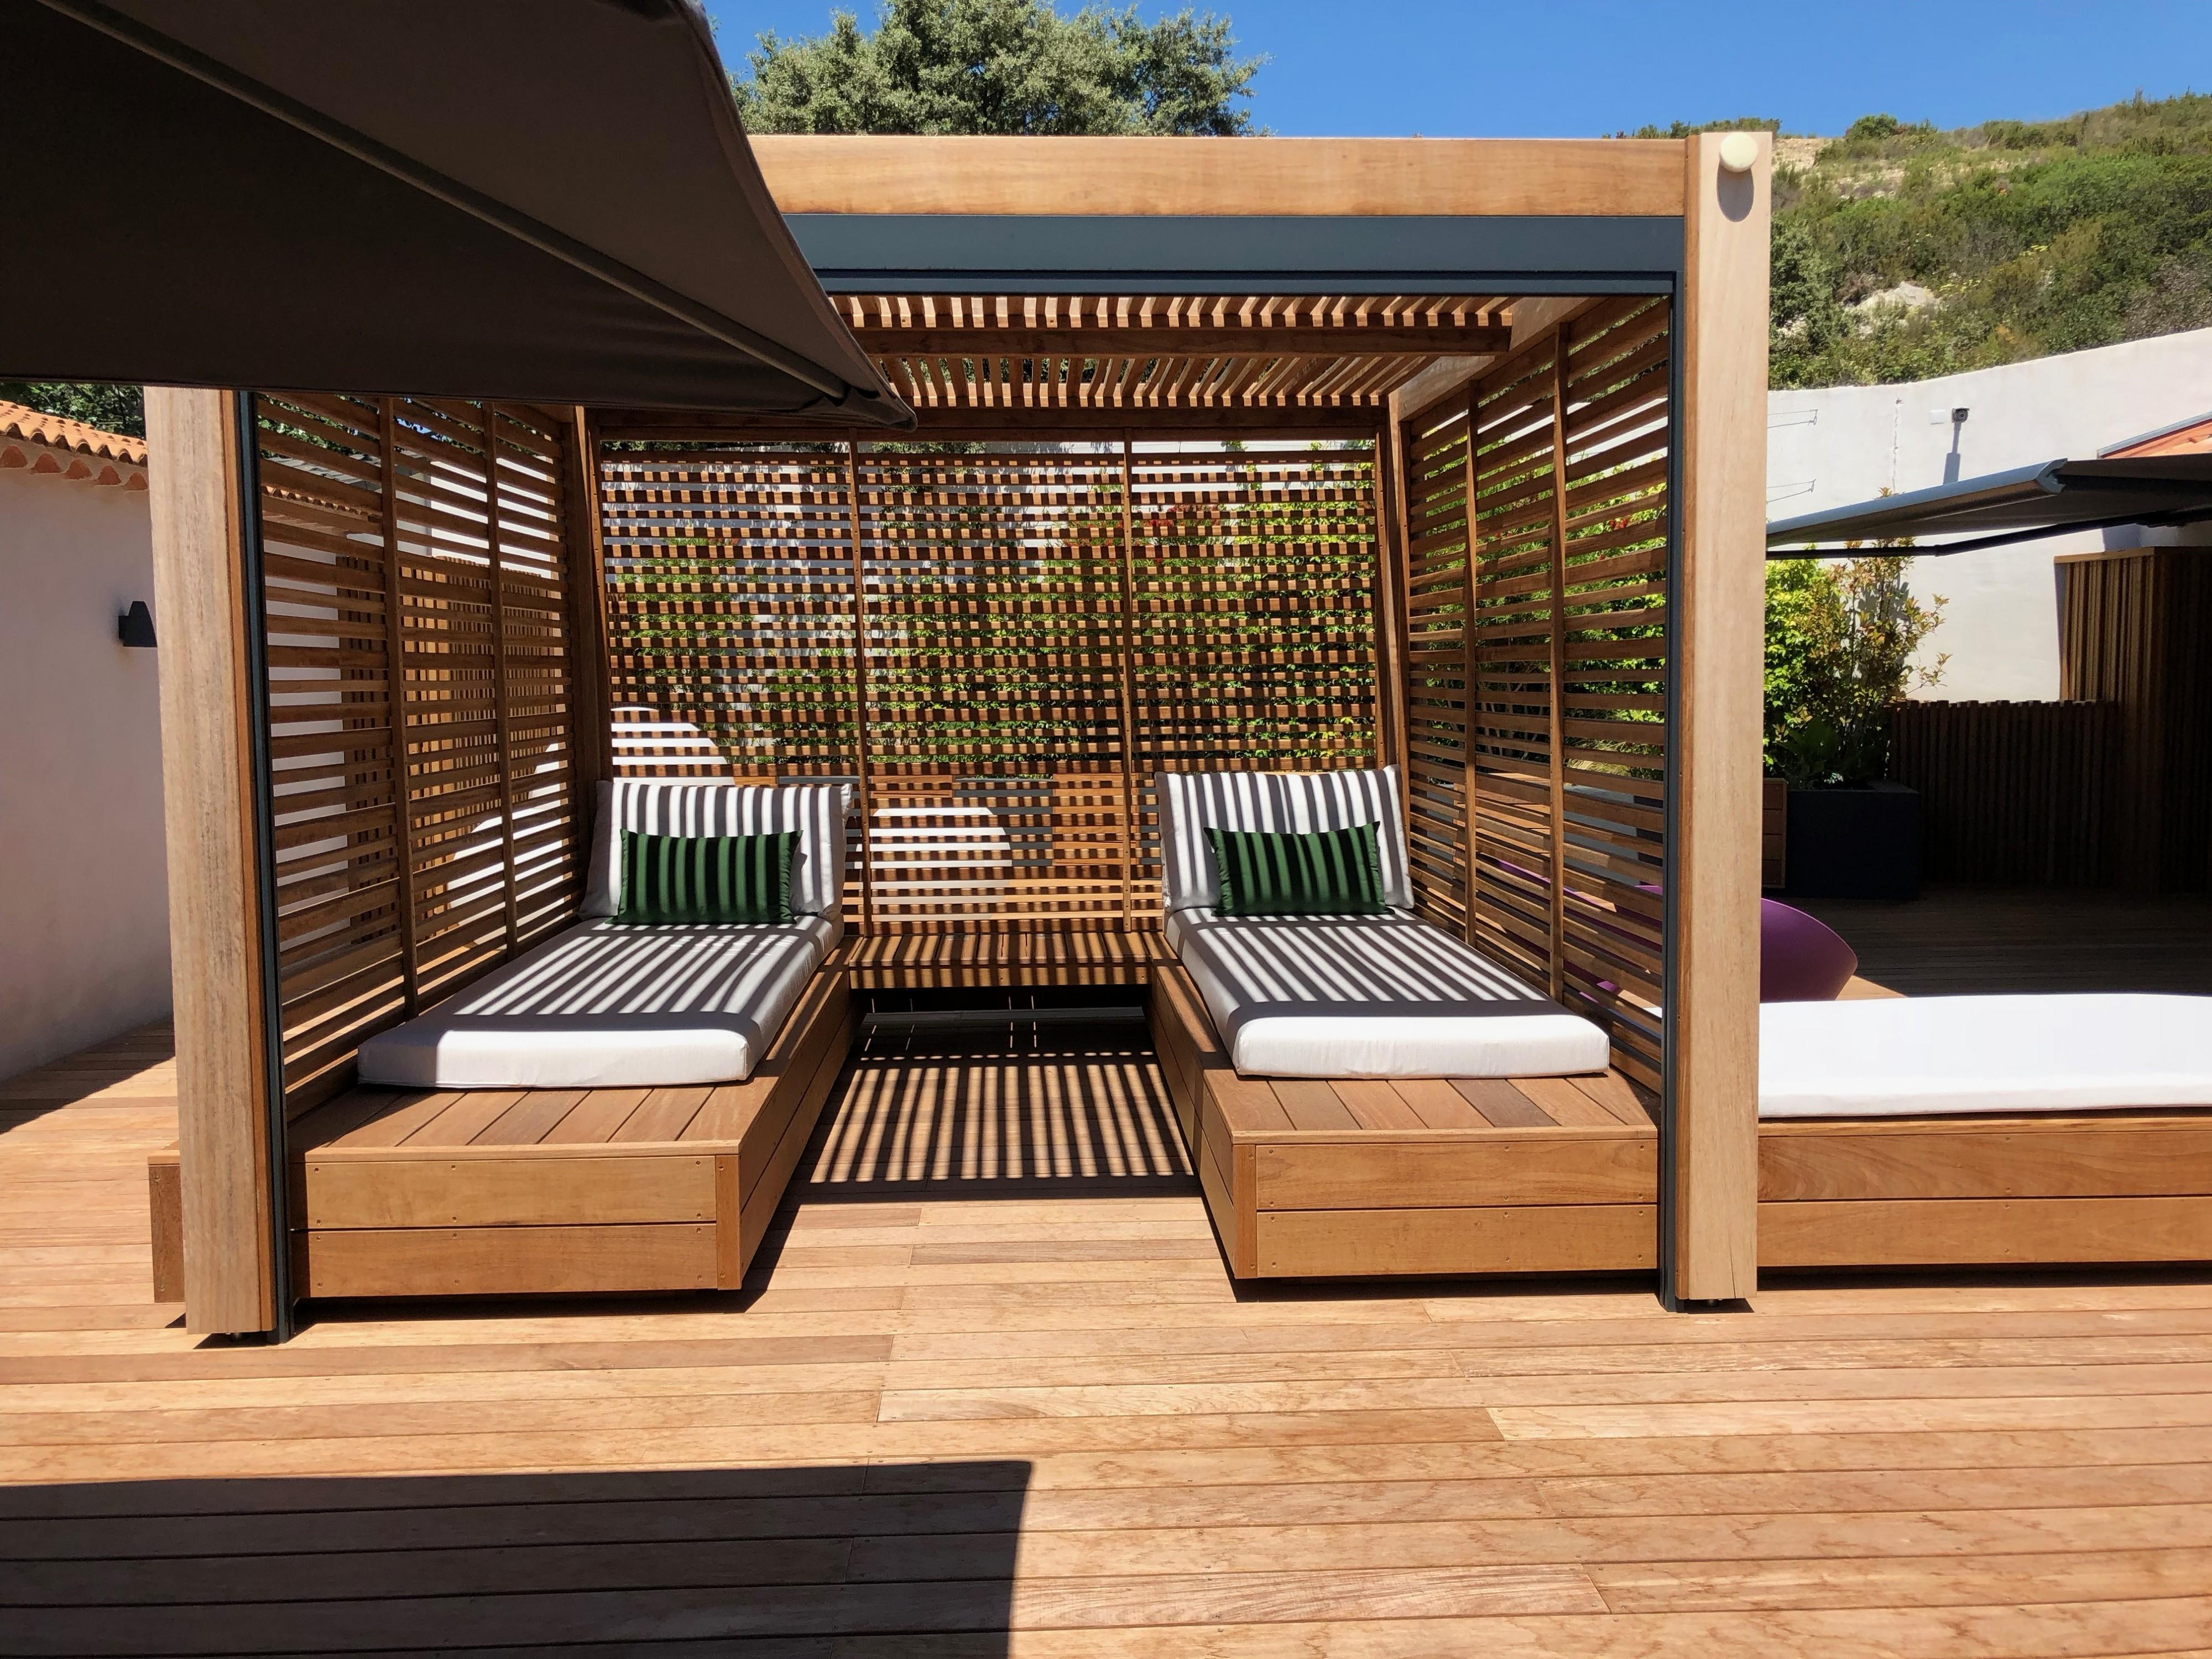 Pergola bois Aix en Provence Le choix de la couverture de la pergola ...